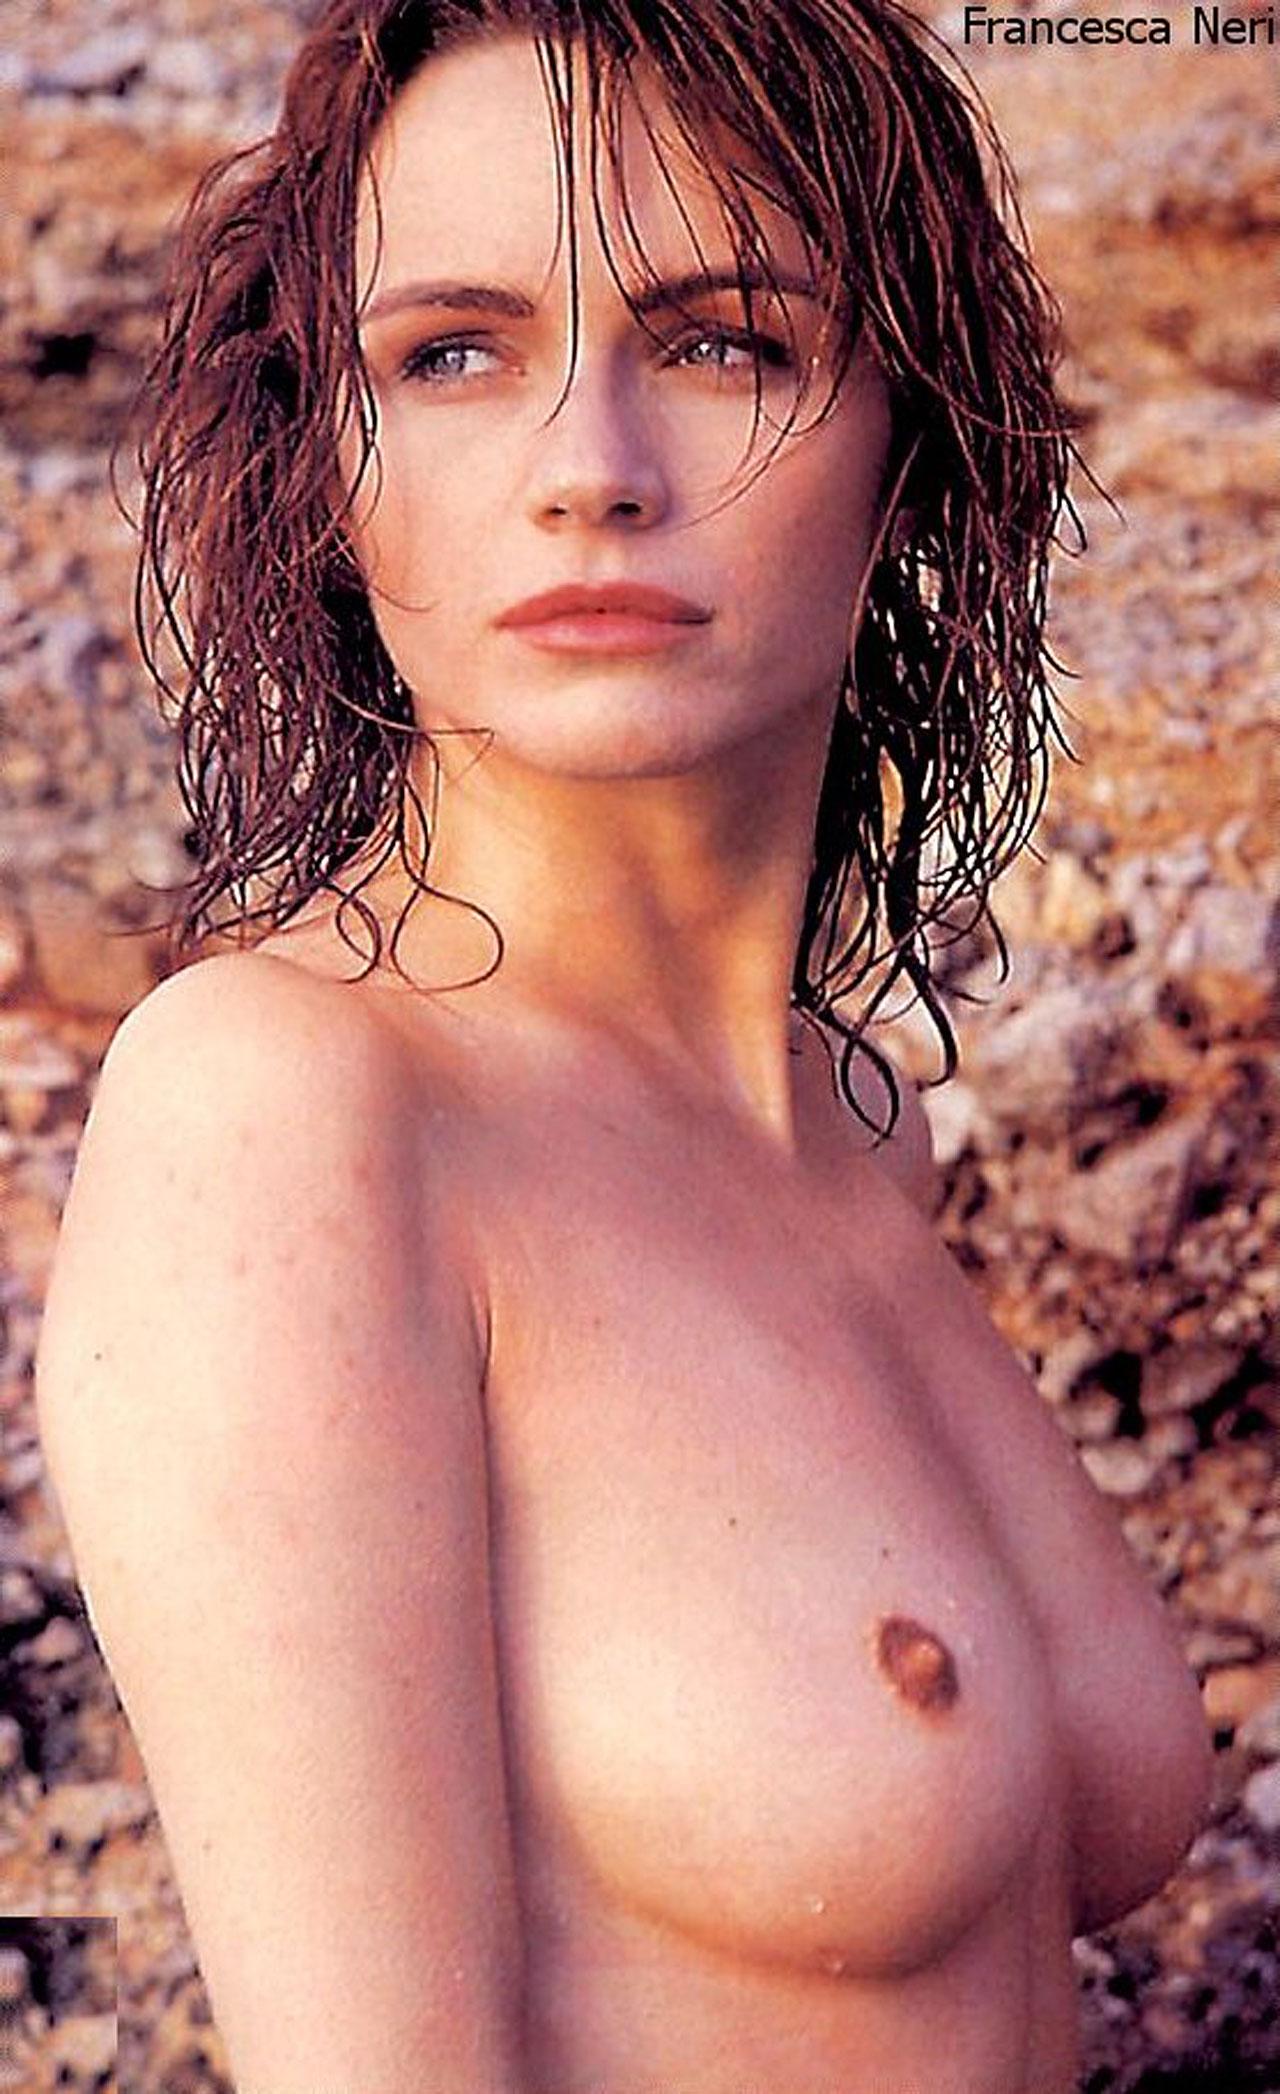 Francesca neri nuda